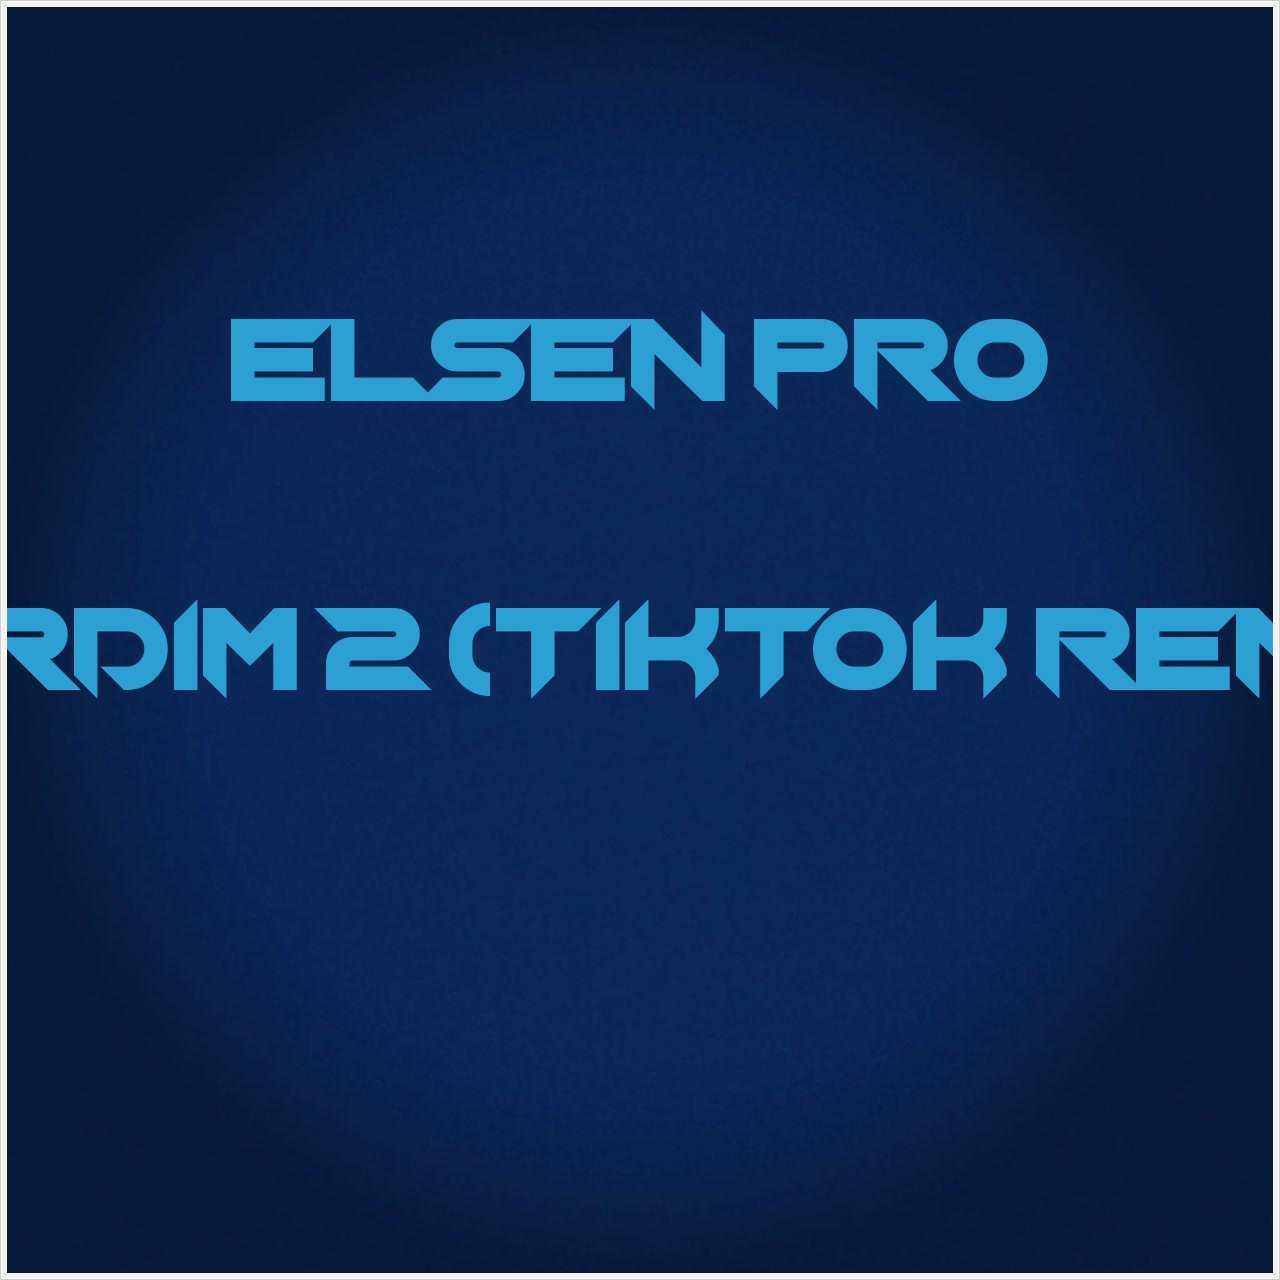 دانلود آهنگ جدید Elsen Pro به نام Derdim 2 (Tiktok Remix)